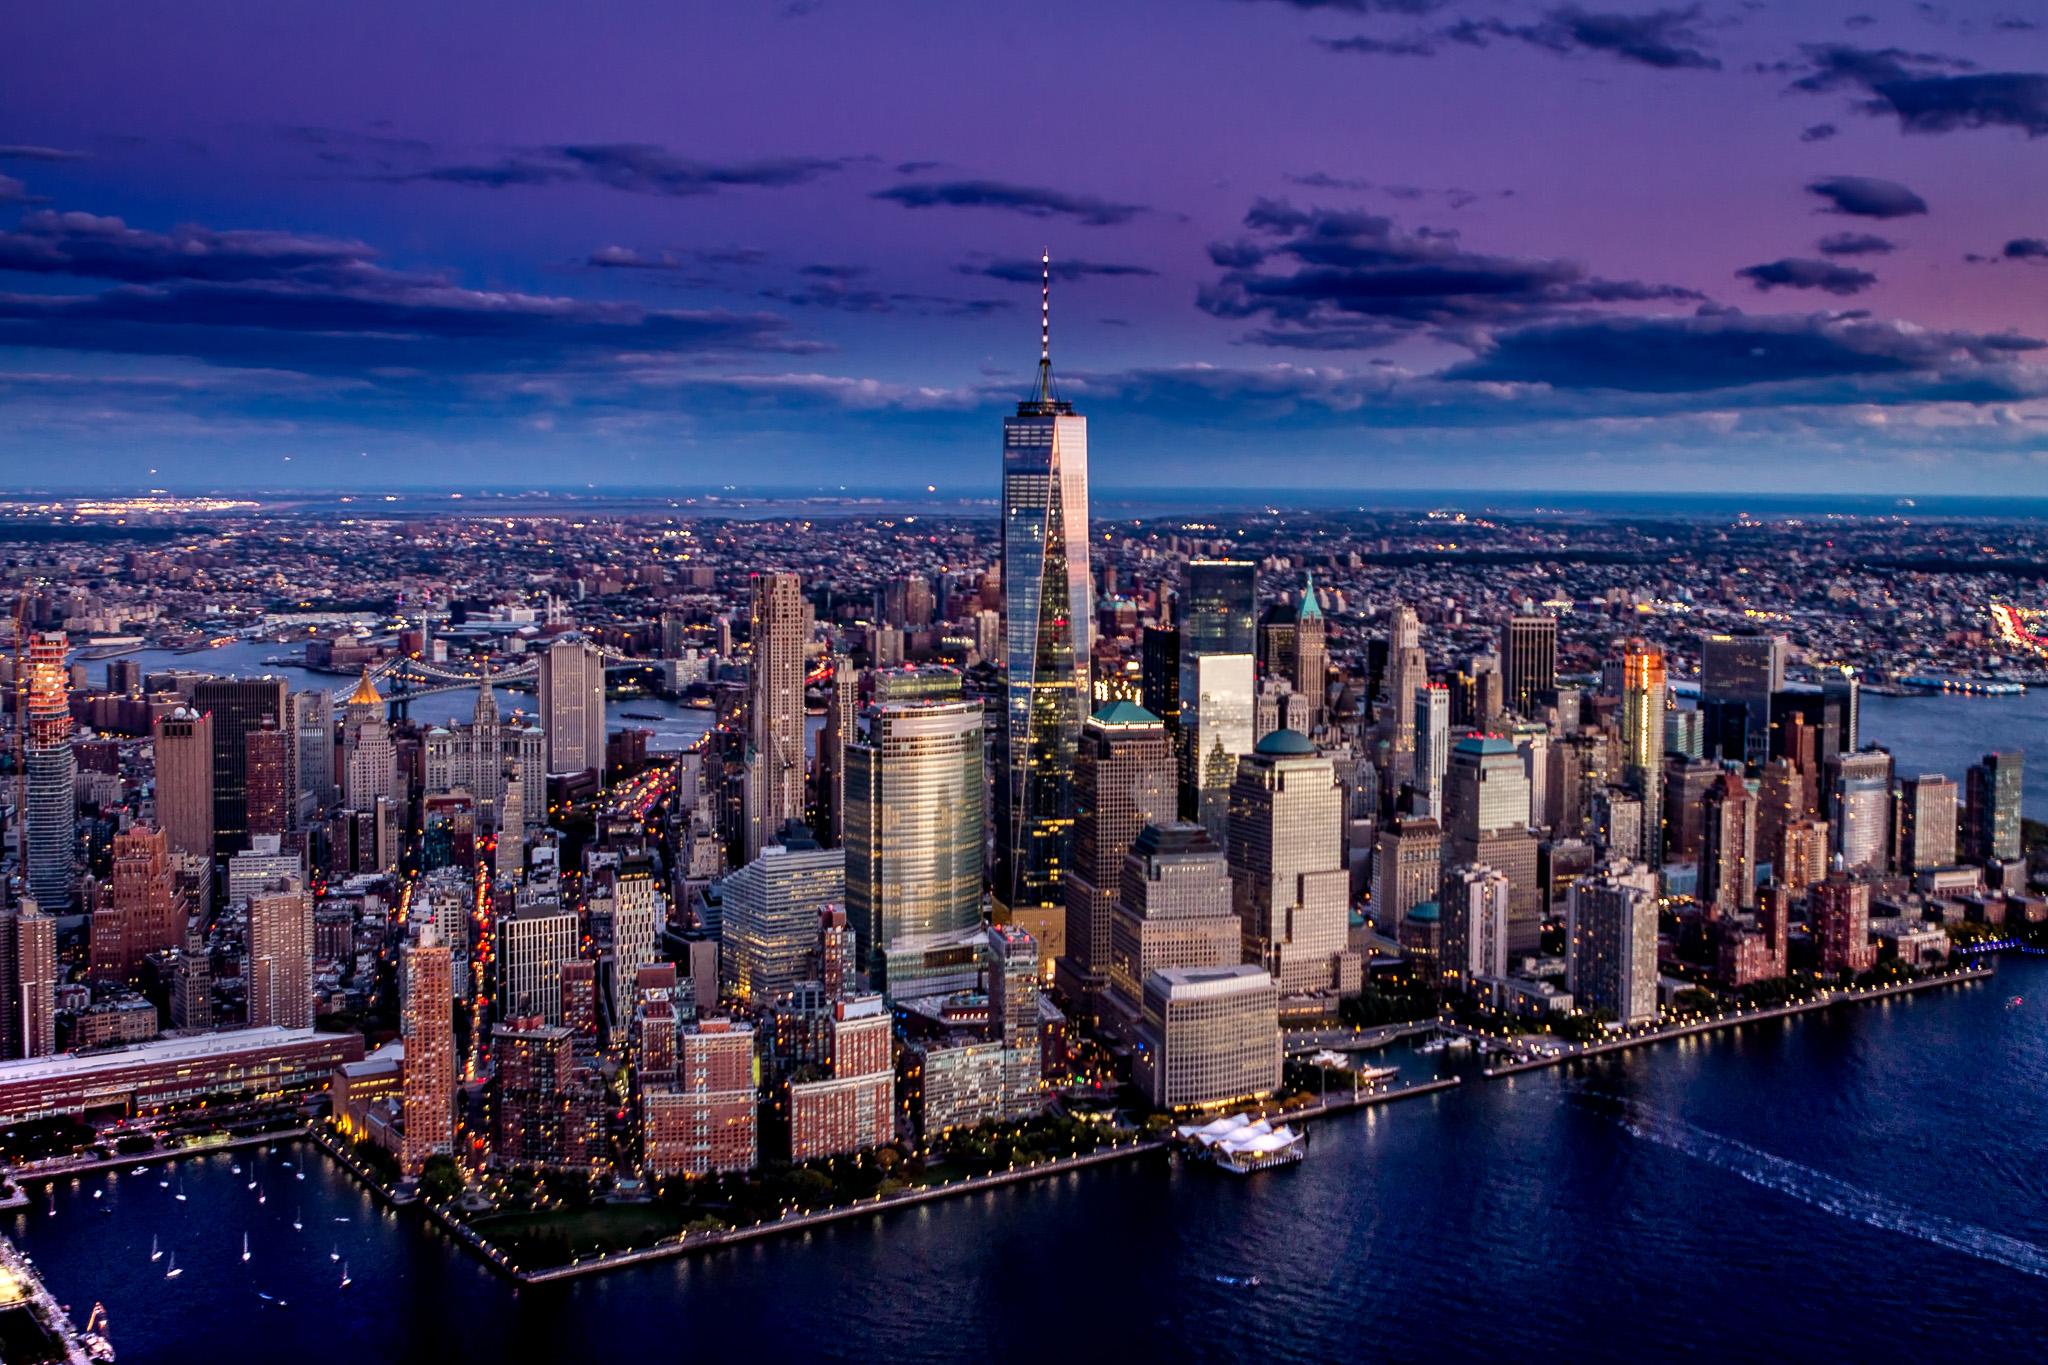 1 World Tade Center, New York, NY, USA